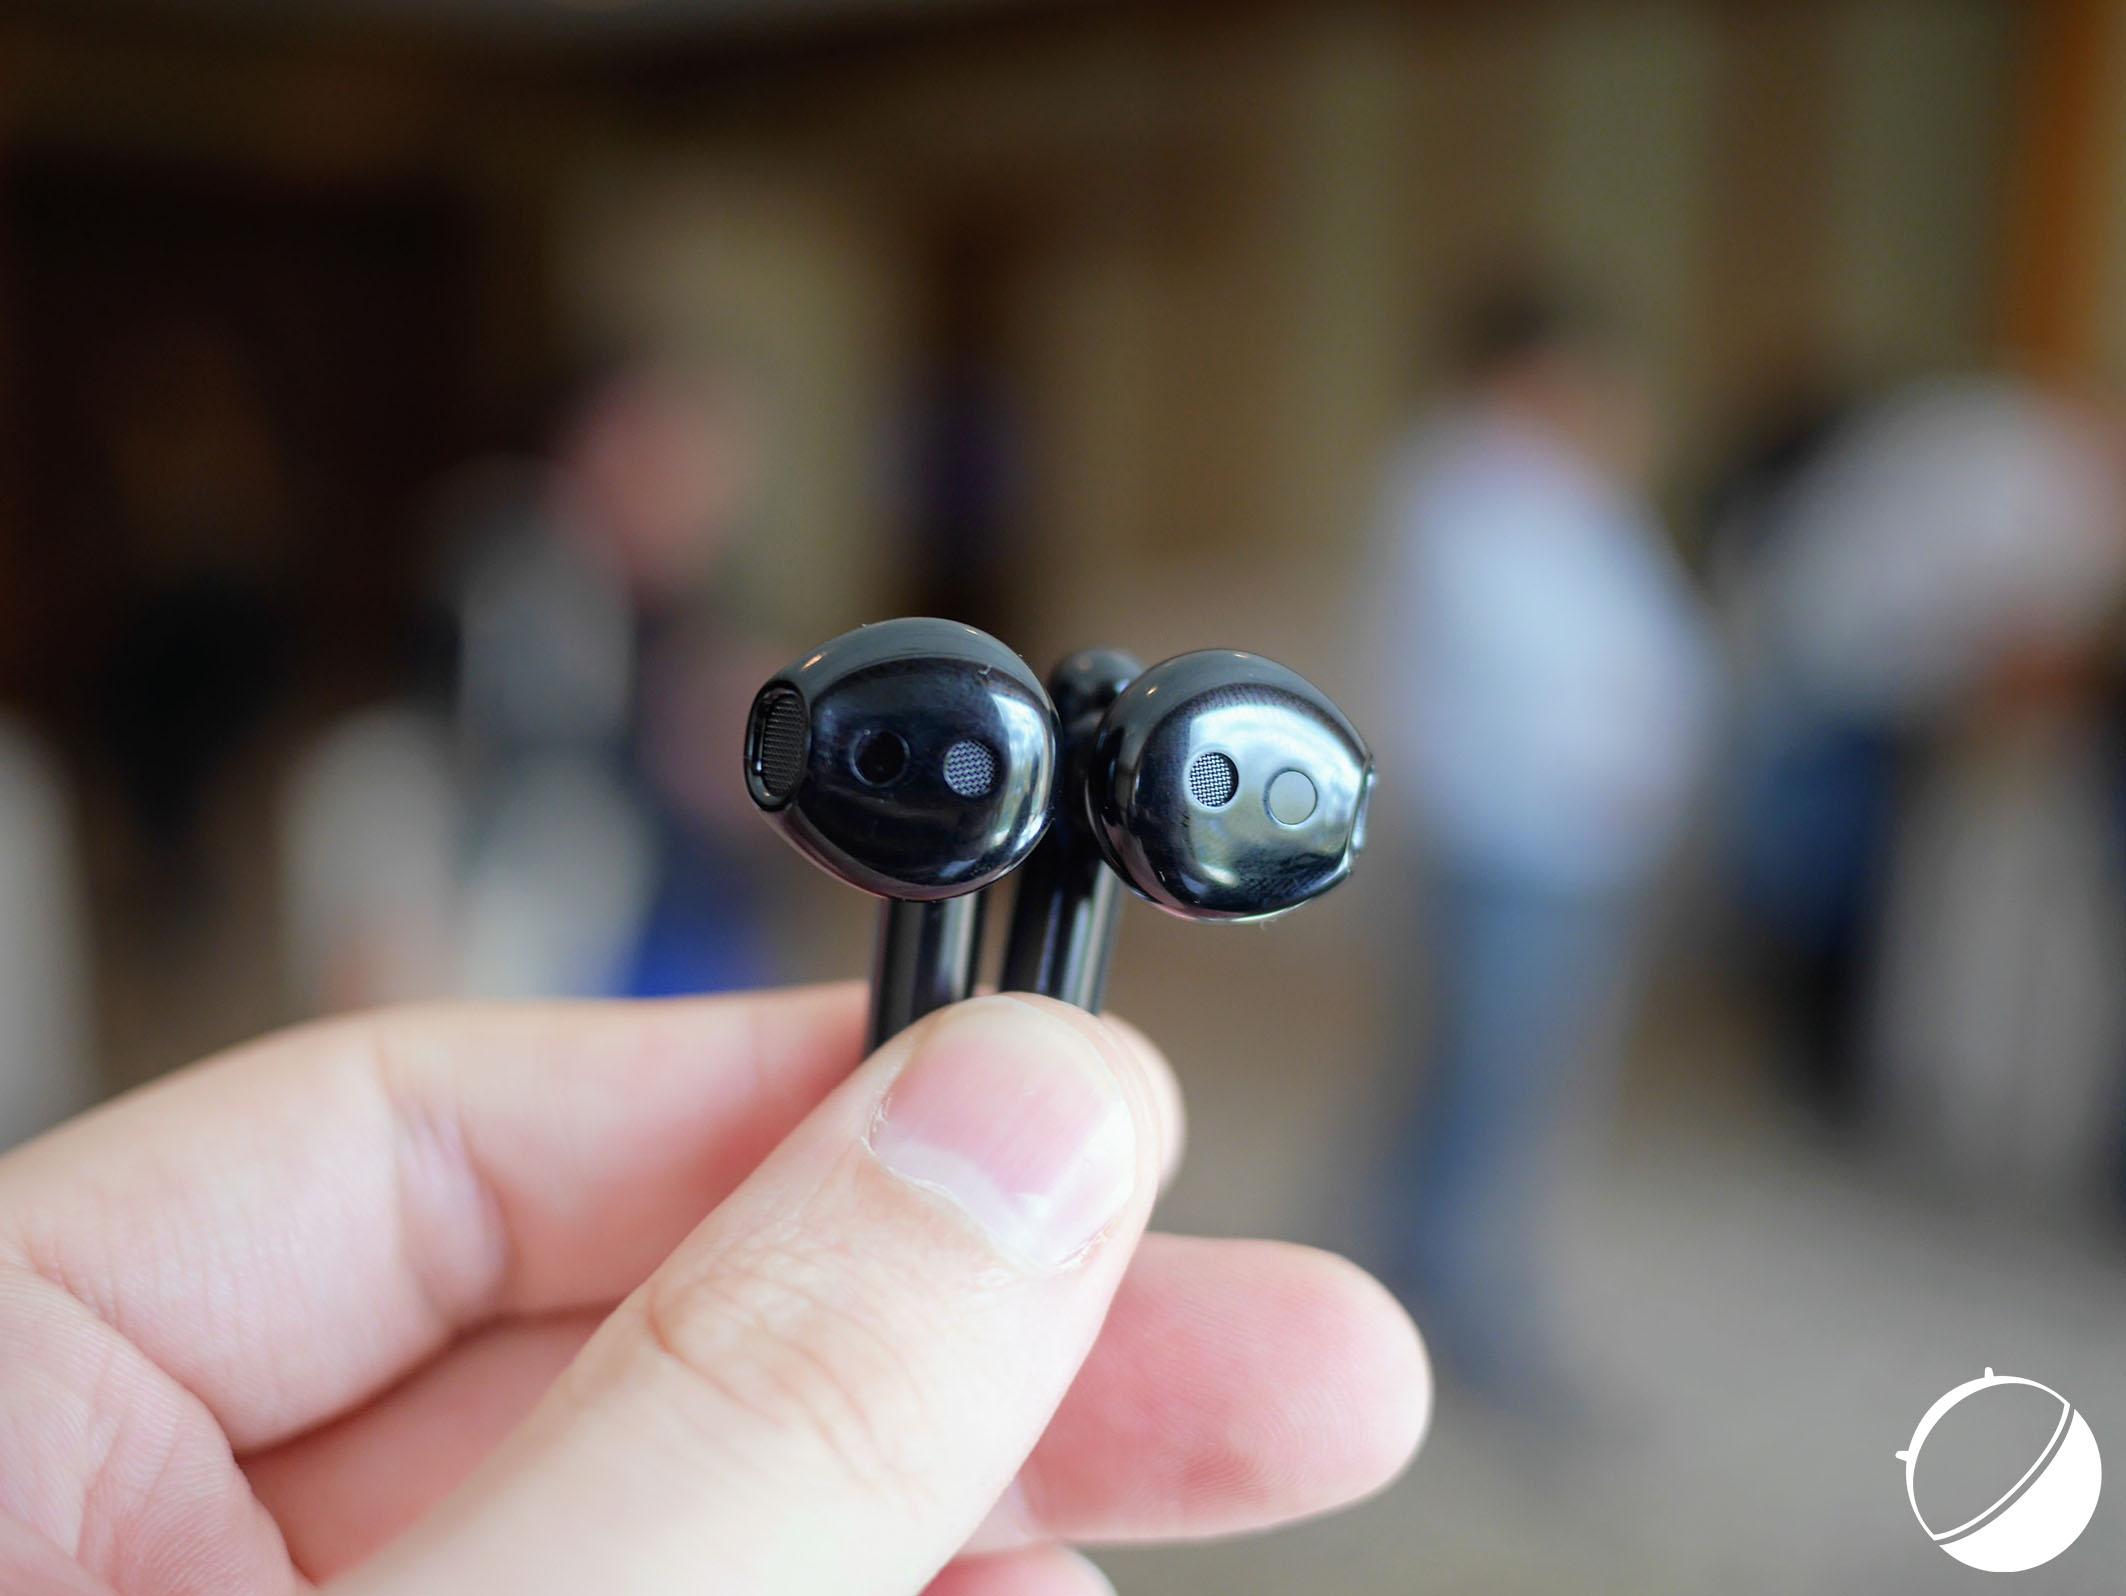 AirPods d'Apple : 20% de réduction chez Cdiscount (durée limitée)